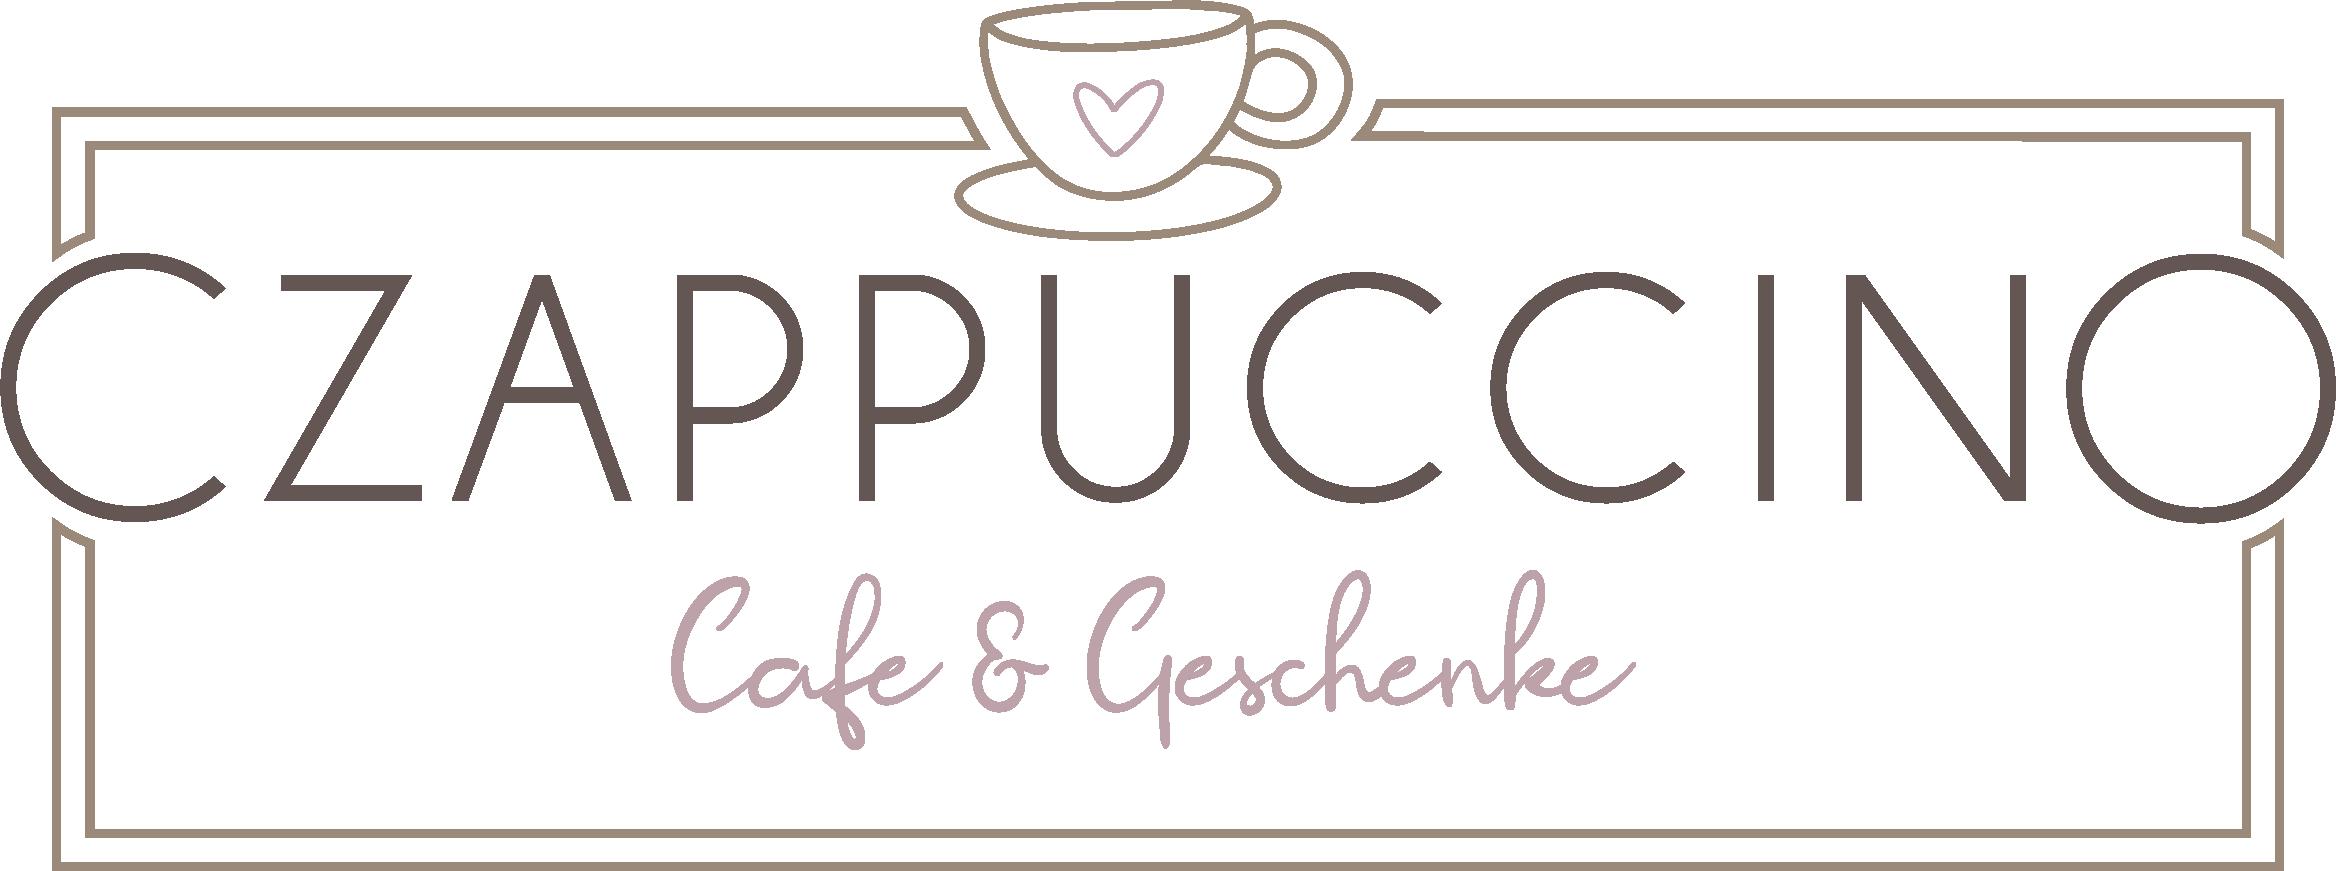 Czappuccino